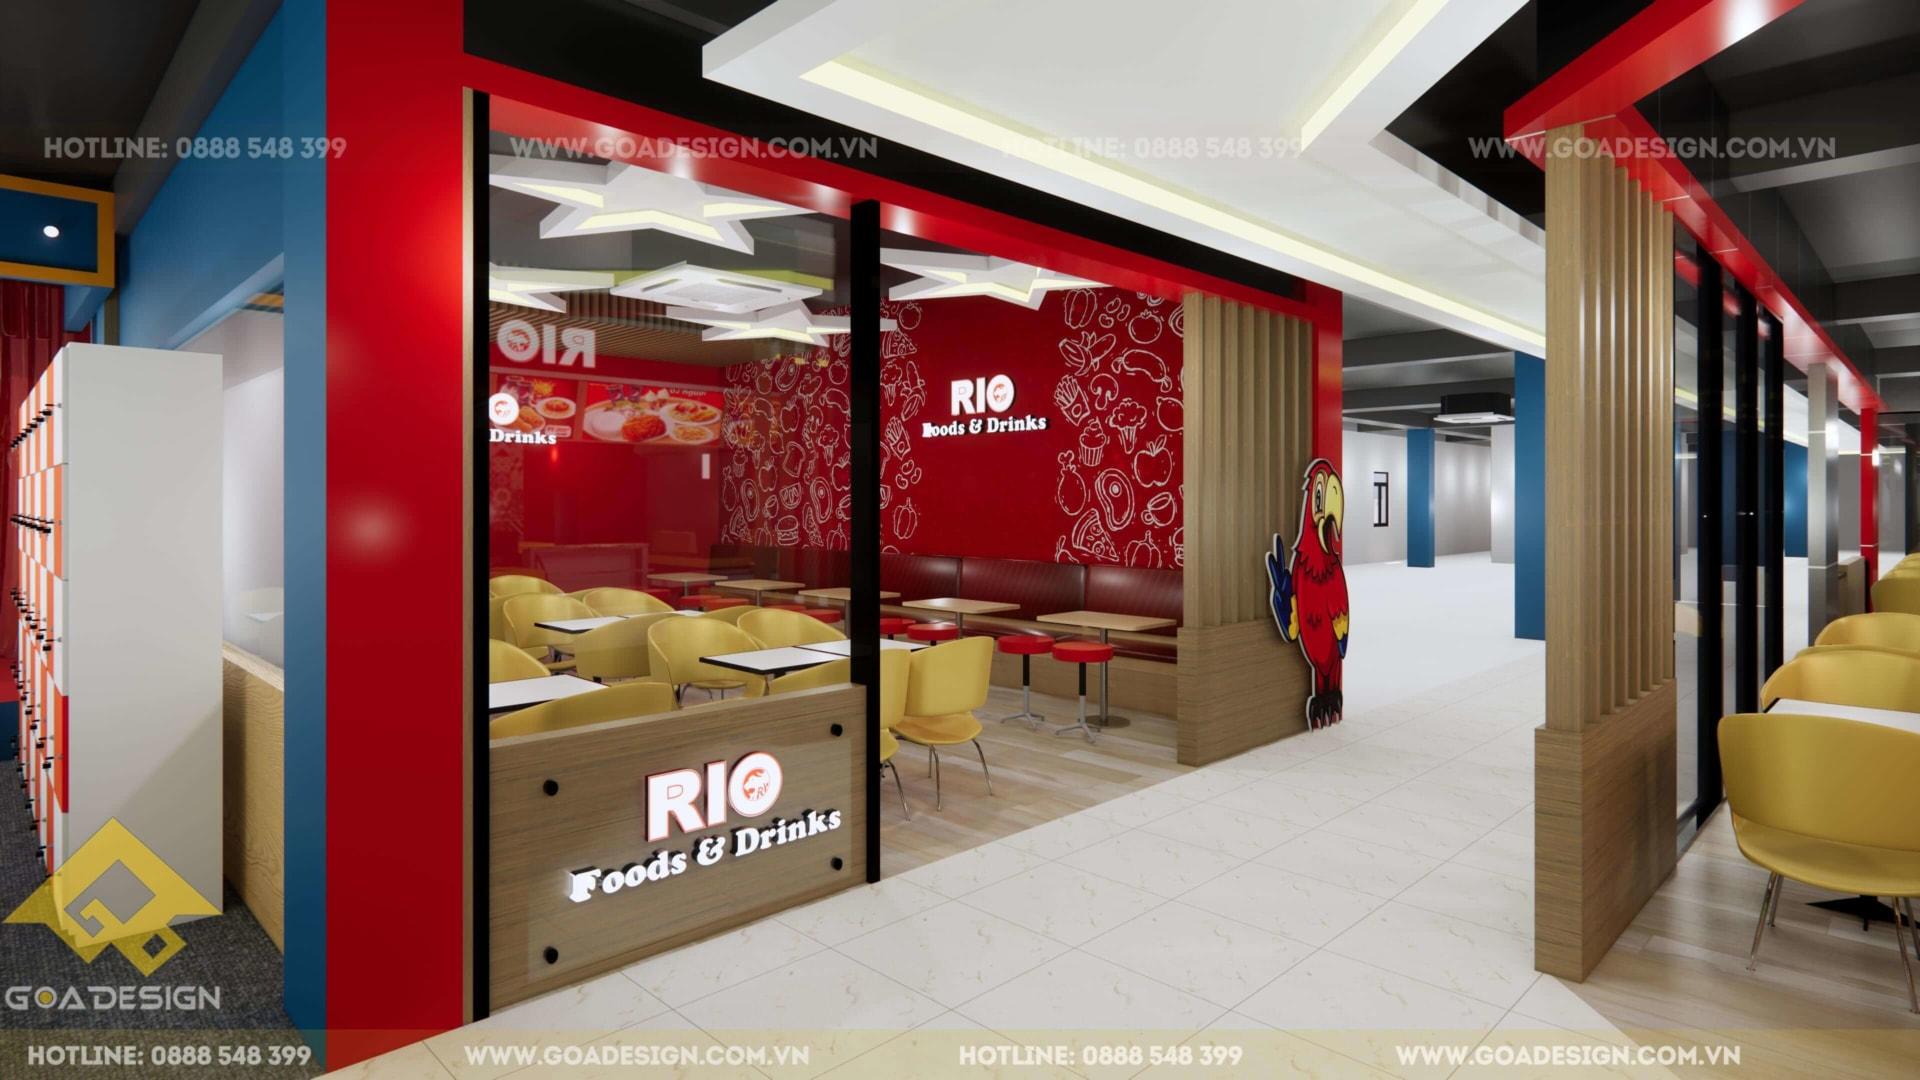 GOADESIGN Tư vấn thiết kế thi công Food & Drink Rio (13)